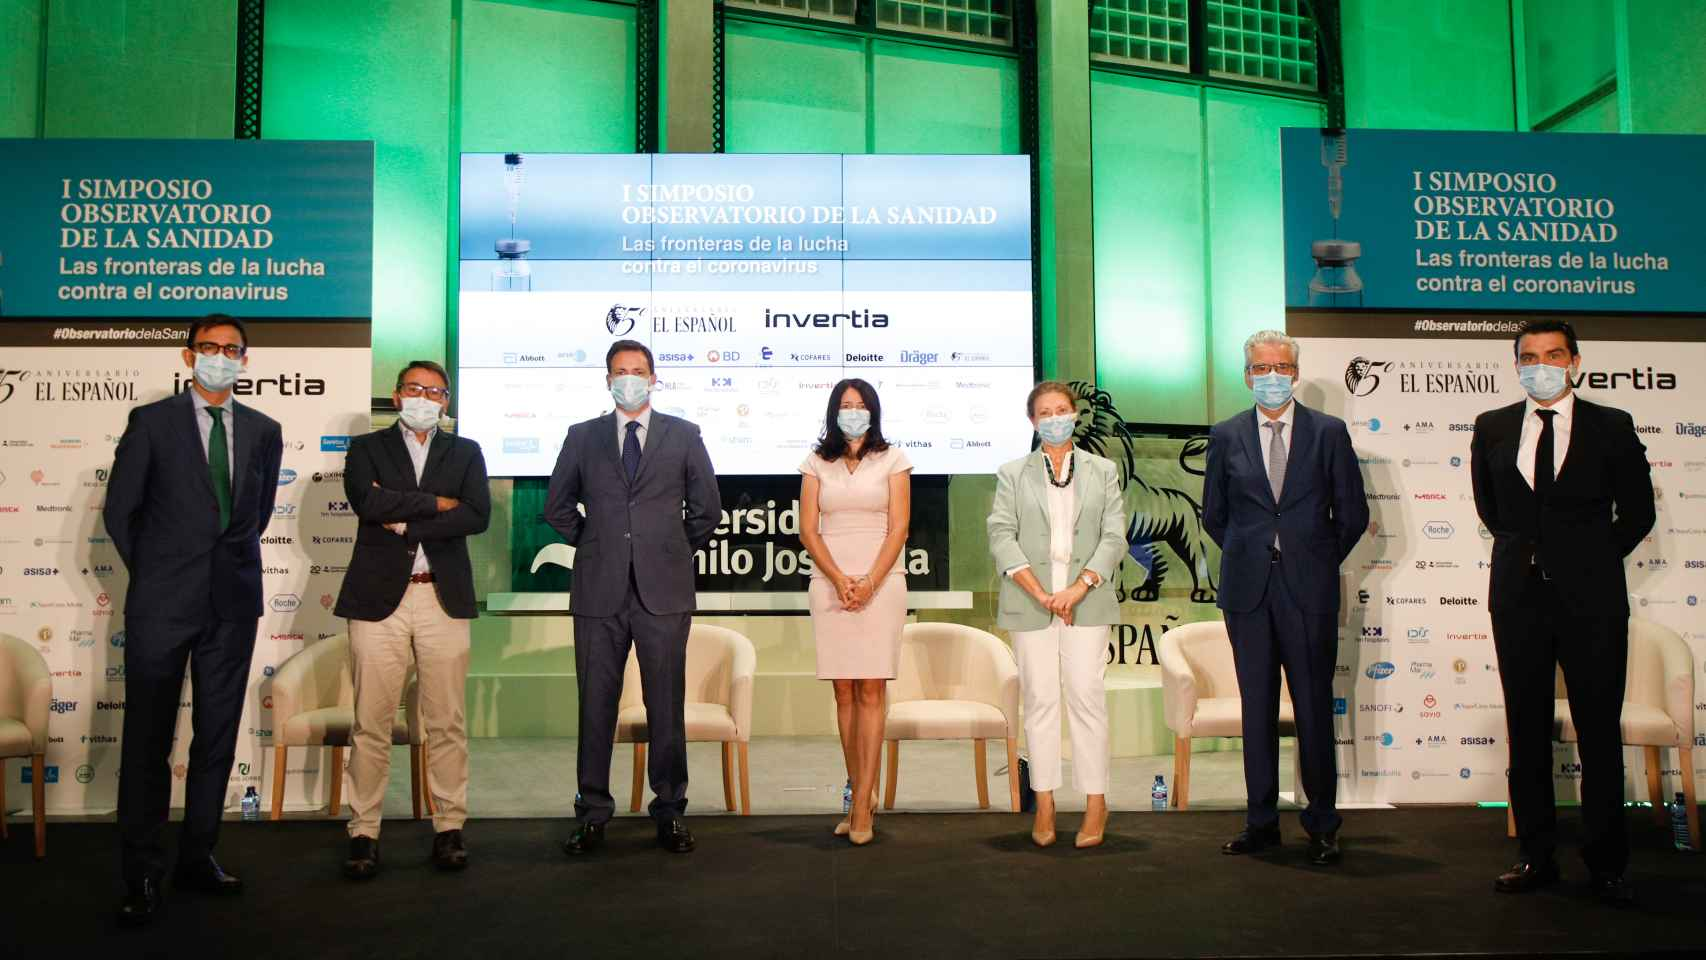 Tercera jornada del simposio: innovación hospitalaria y tecnología sanitaria contra la Covid-19